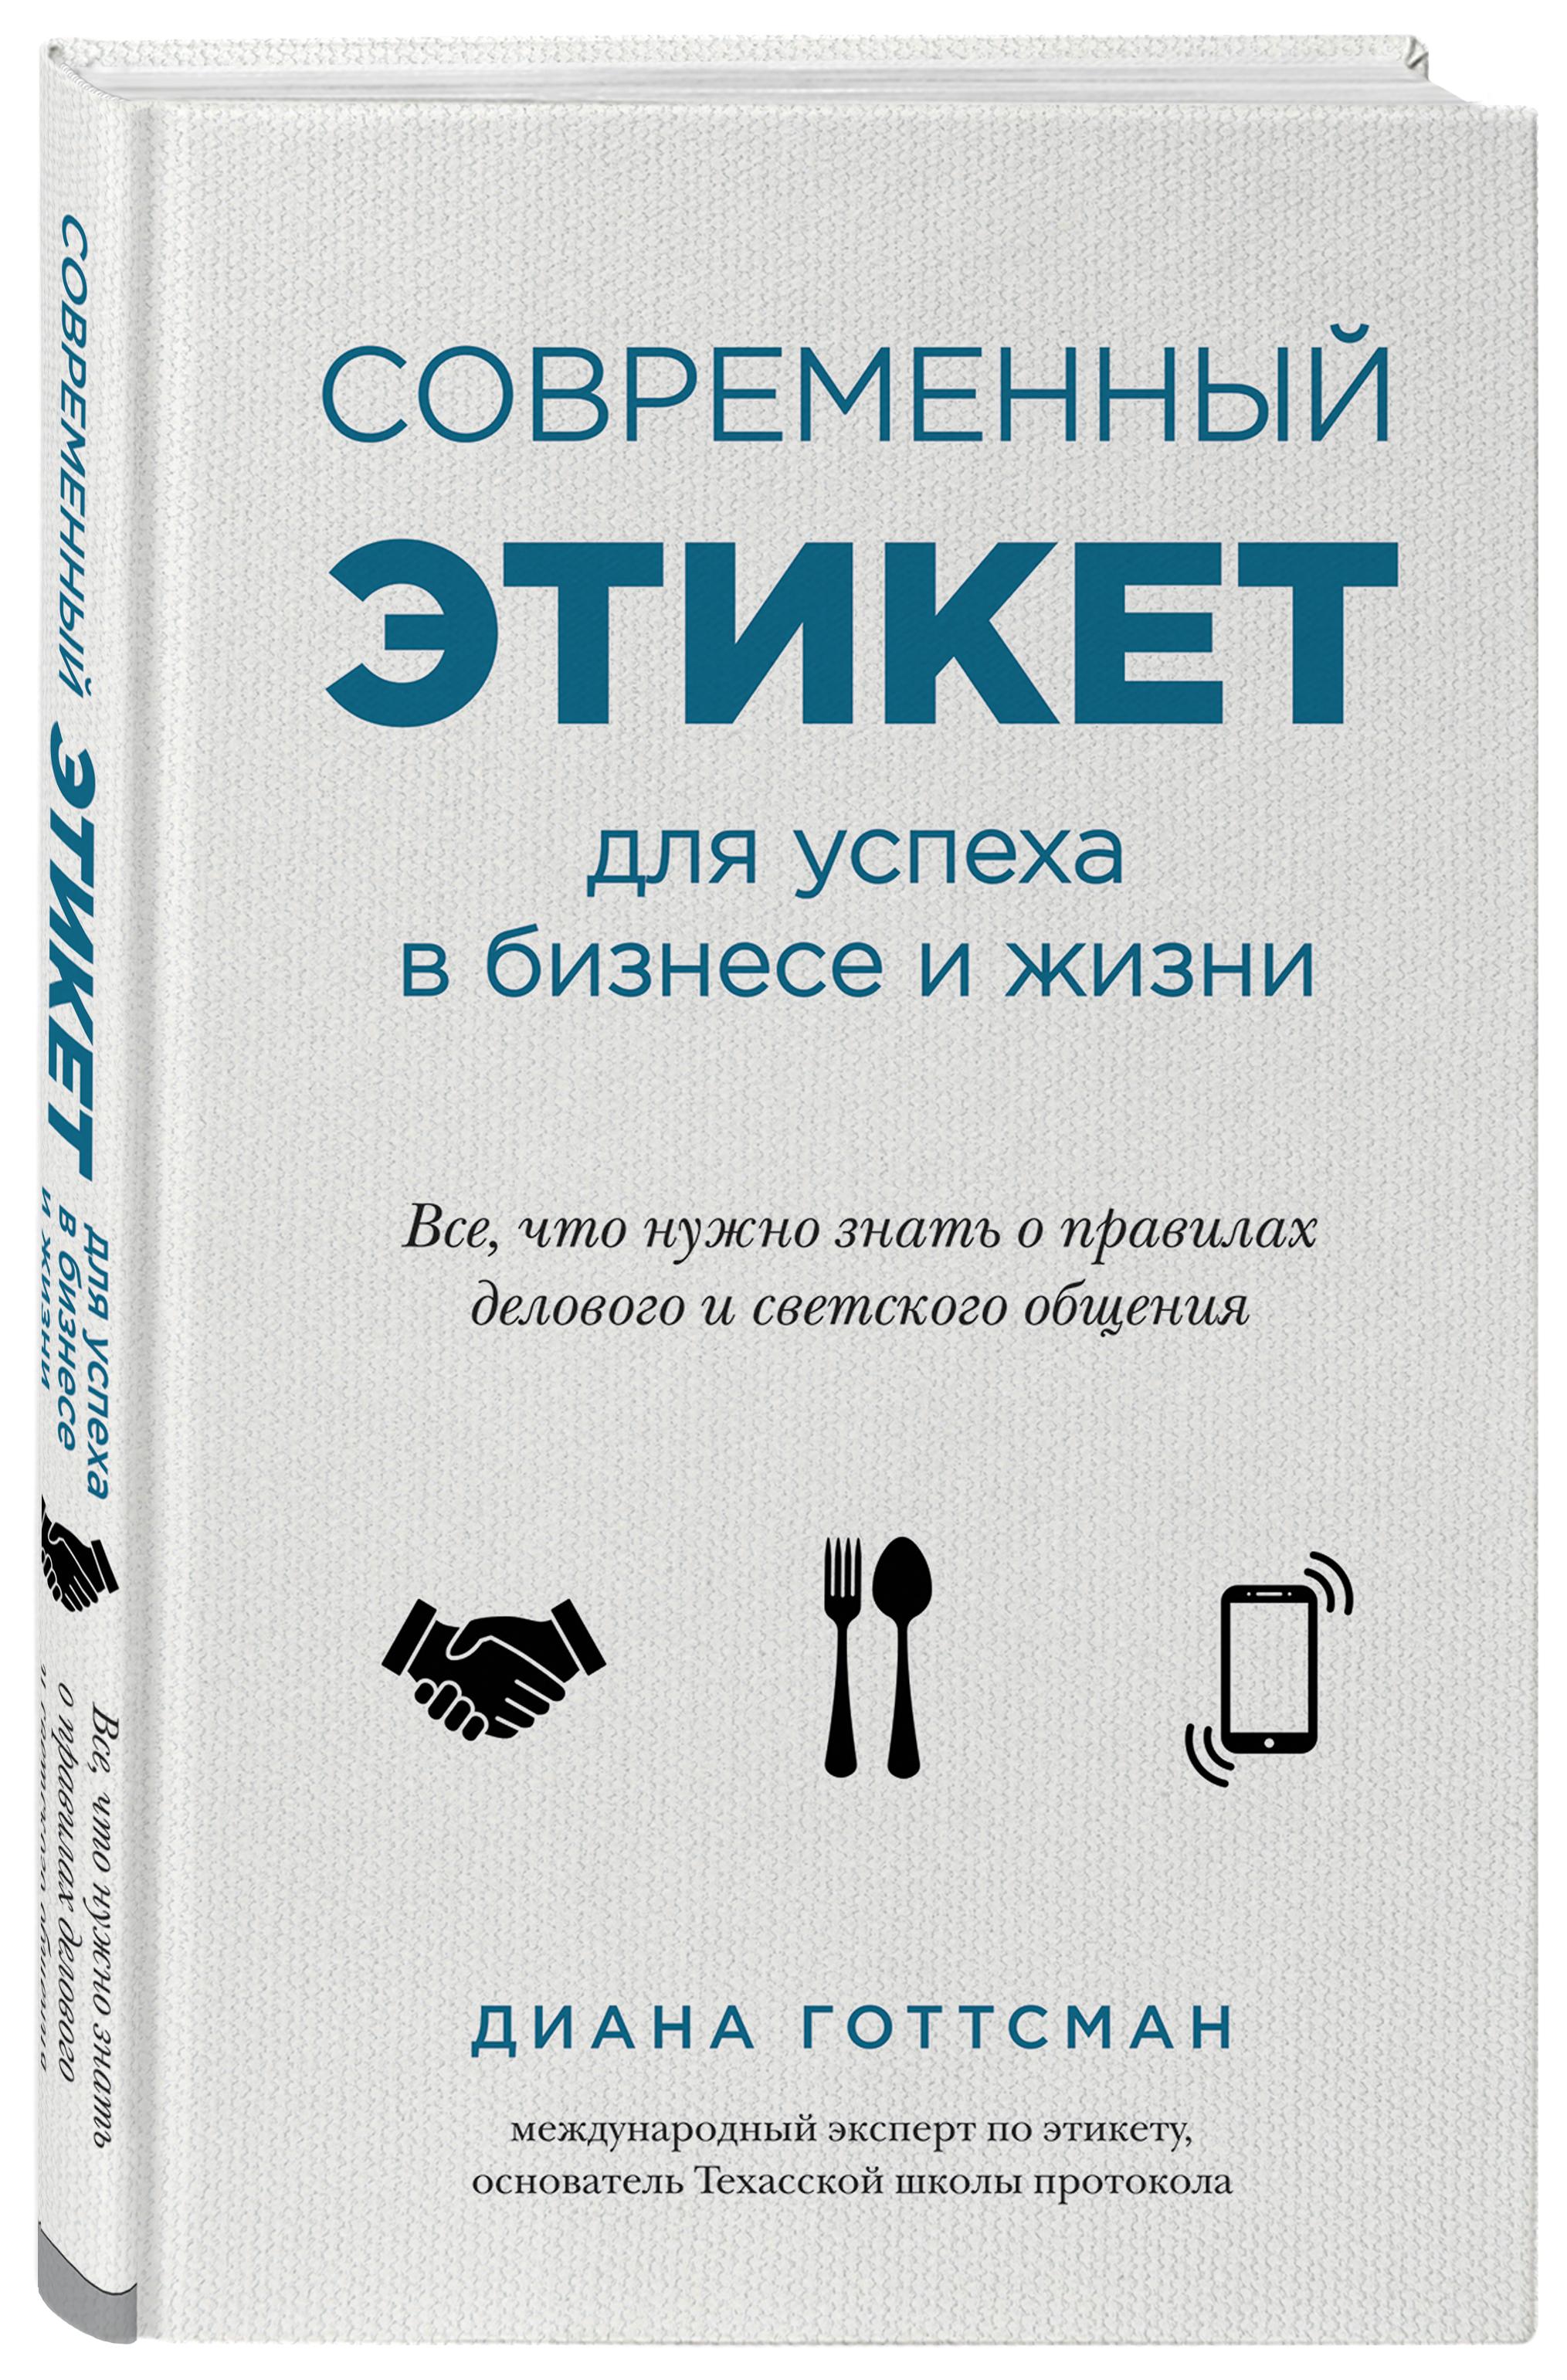 Современный этикет для успеха в бизнесе и жизни ( Готтсман Диана  )